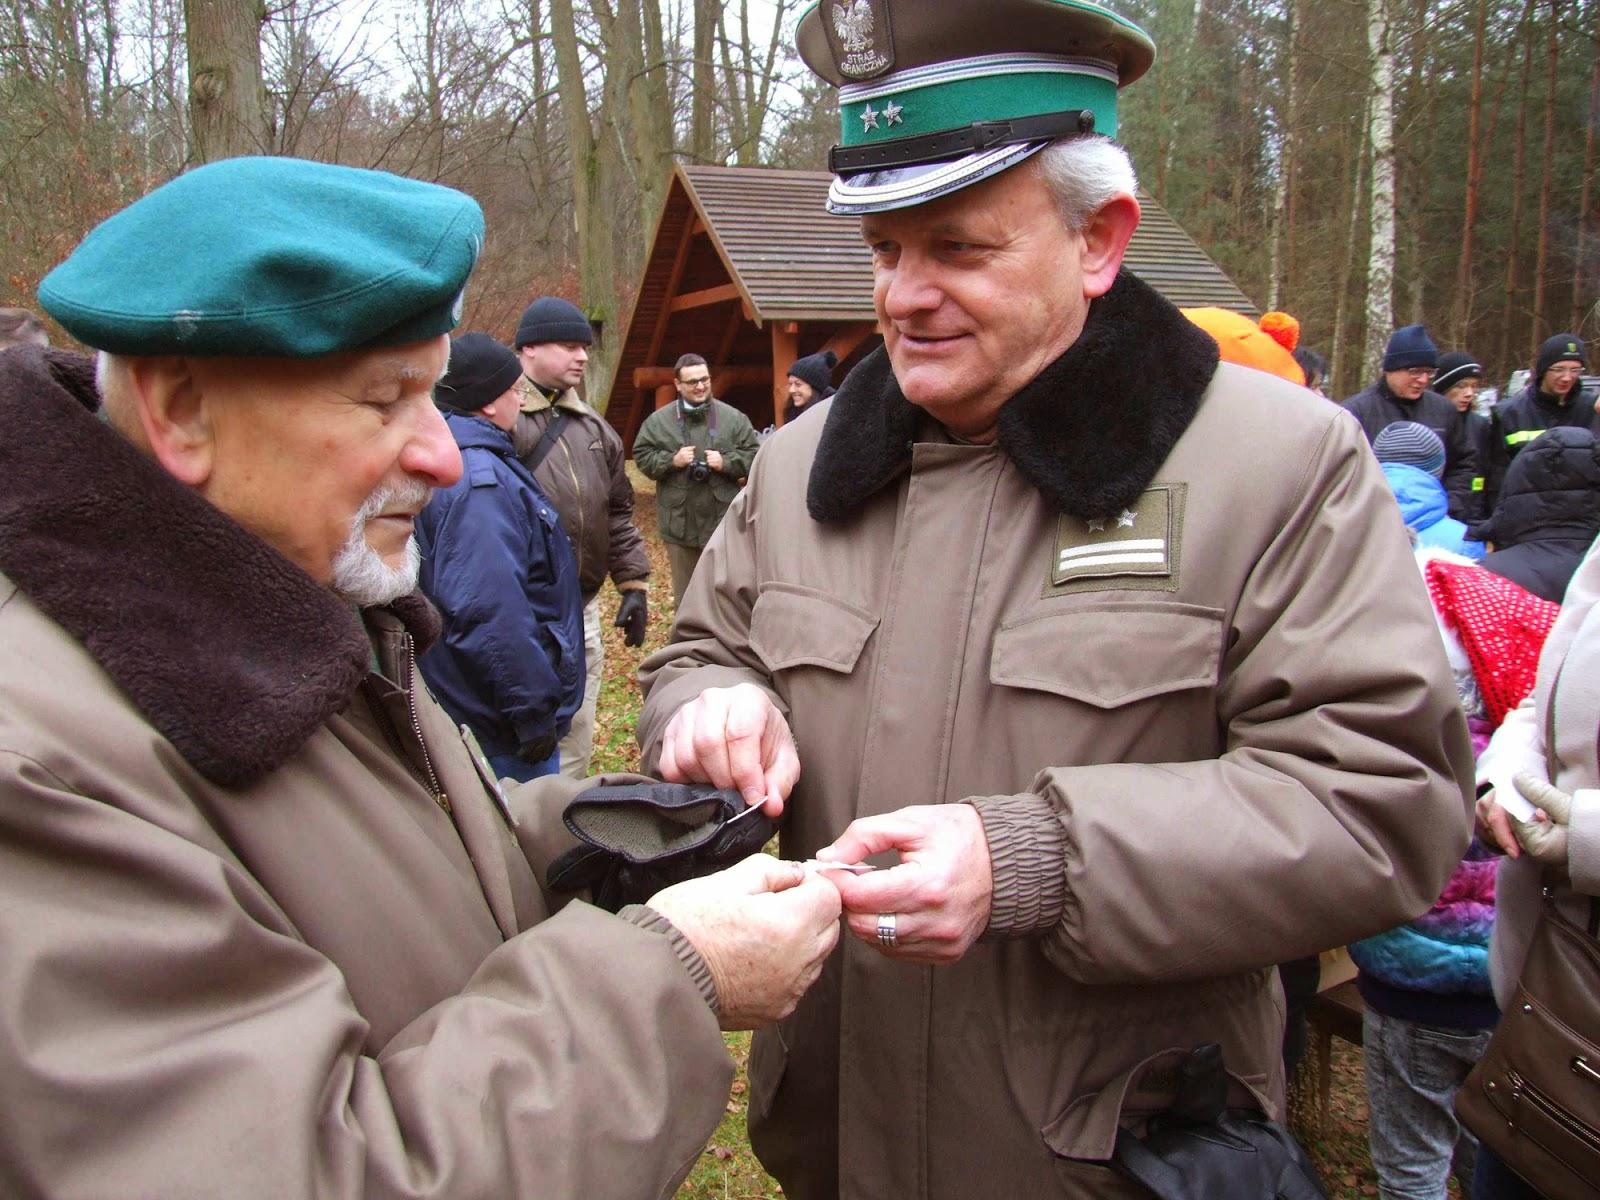 Pułkownicy Marian Zach i Wiesław Margas (wnuk gajowego Jana Barana z Zych) dzielą się opłatkiem